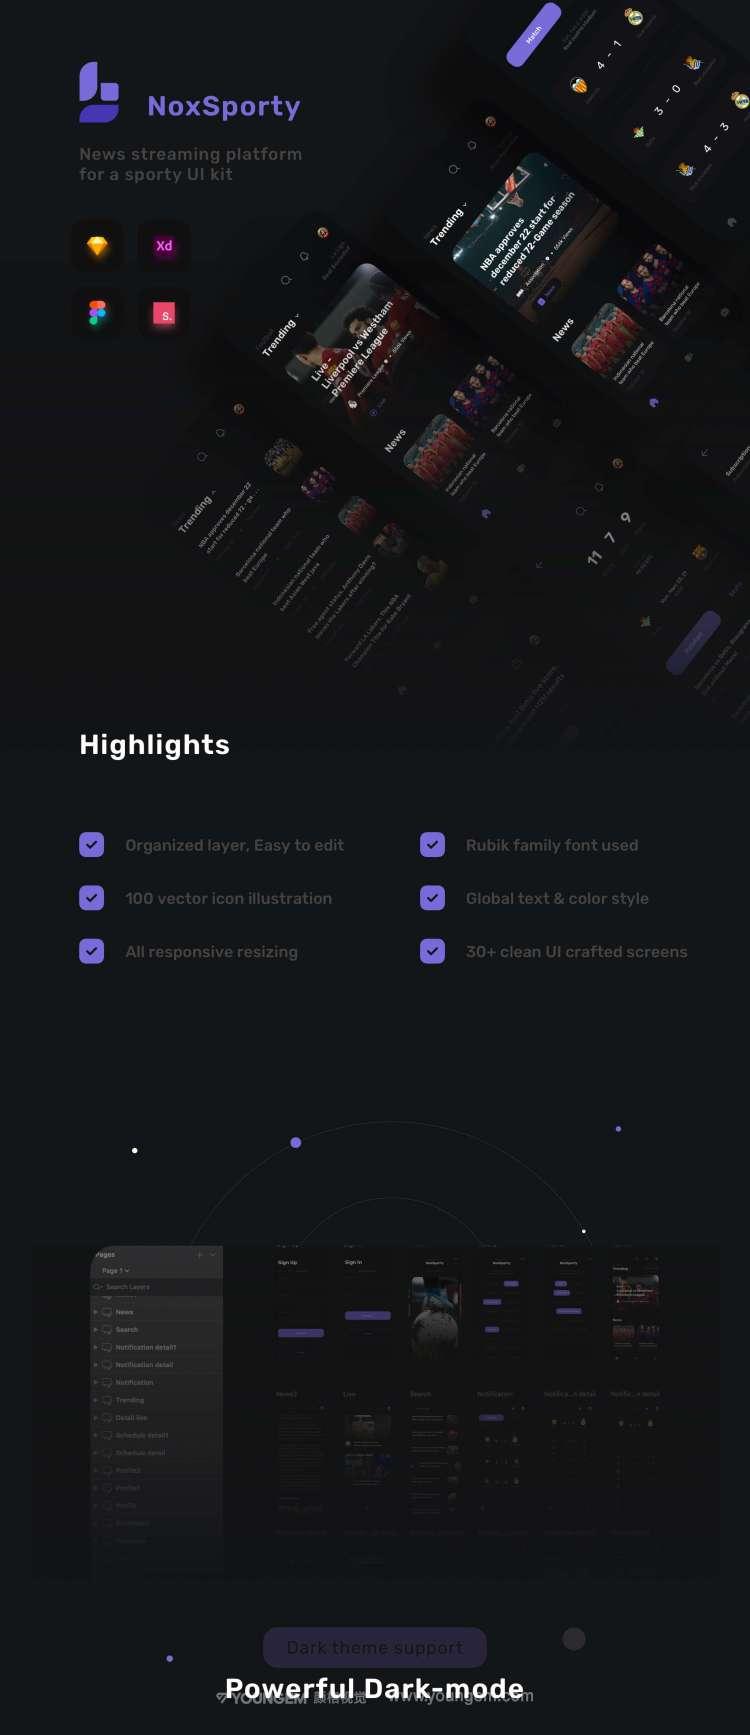 体育新闻应用程序ui套件_体育资讯平台app用户界面设计素材下载图片